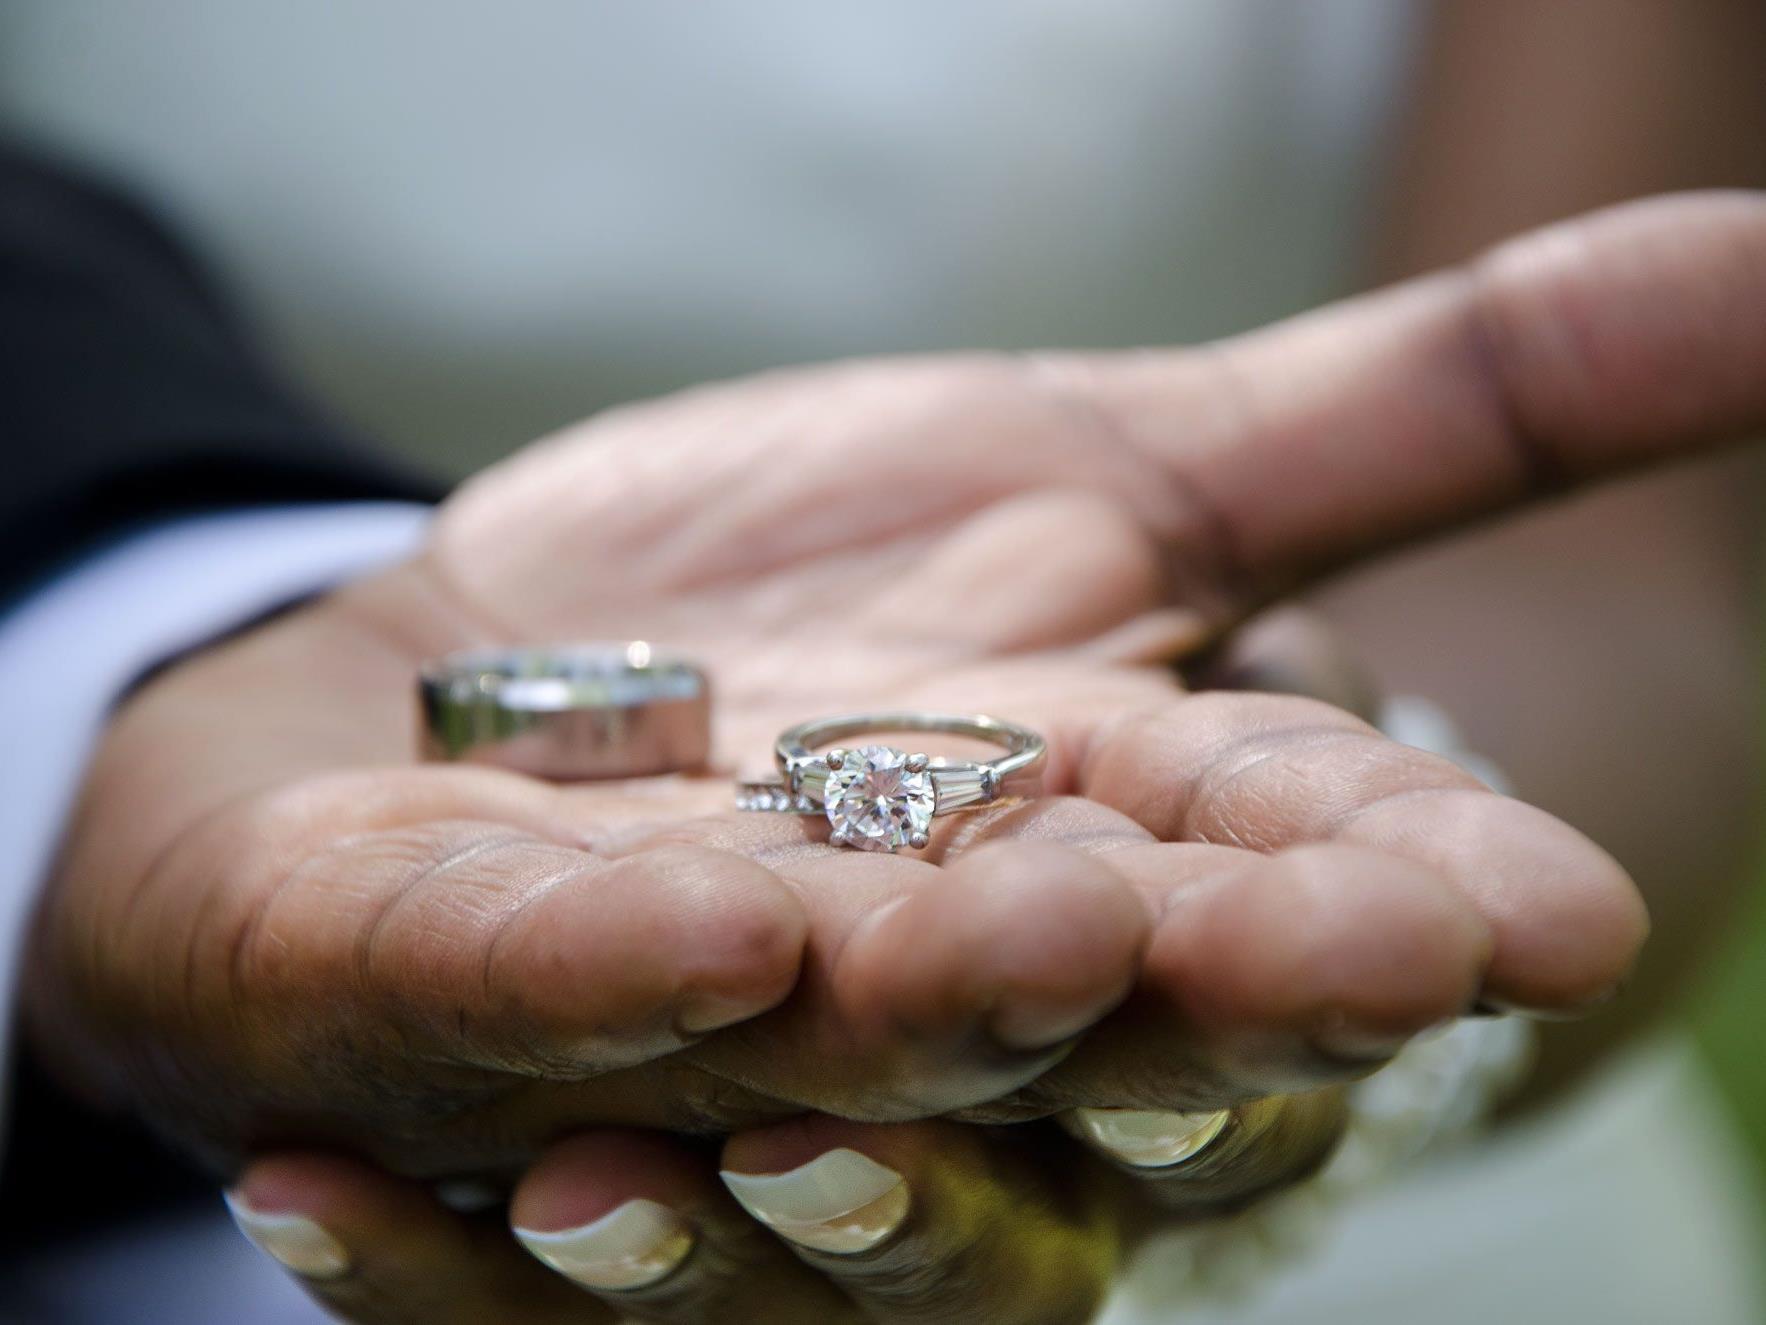 Mutter will rechtlich gegen Hochzeit ihrer Tochter vorgehen.